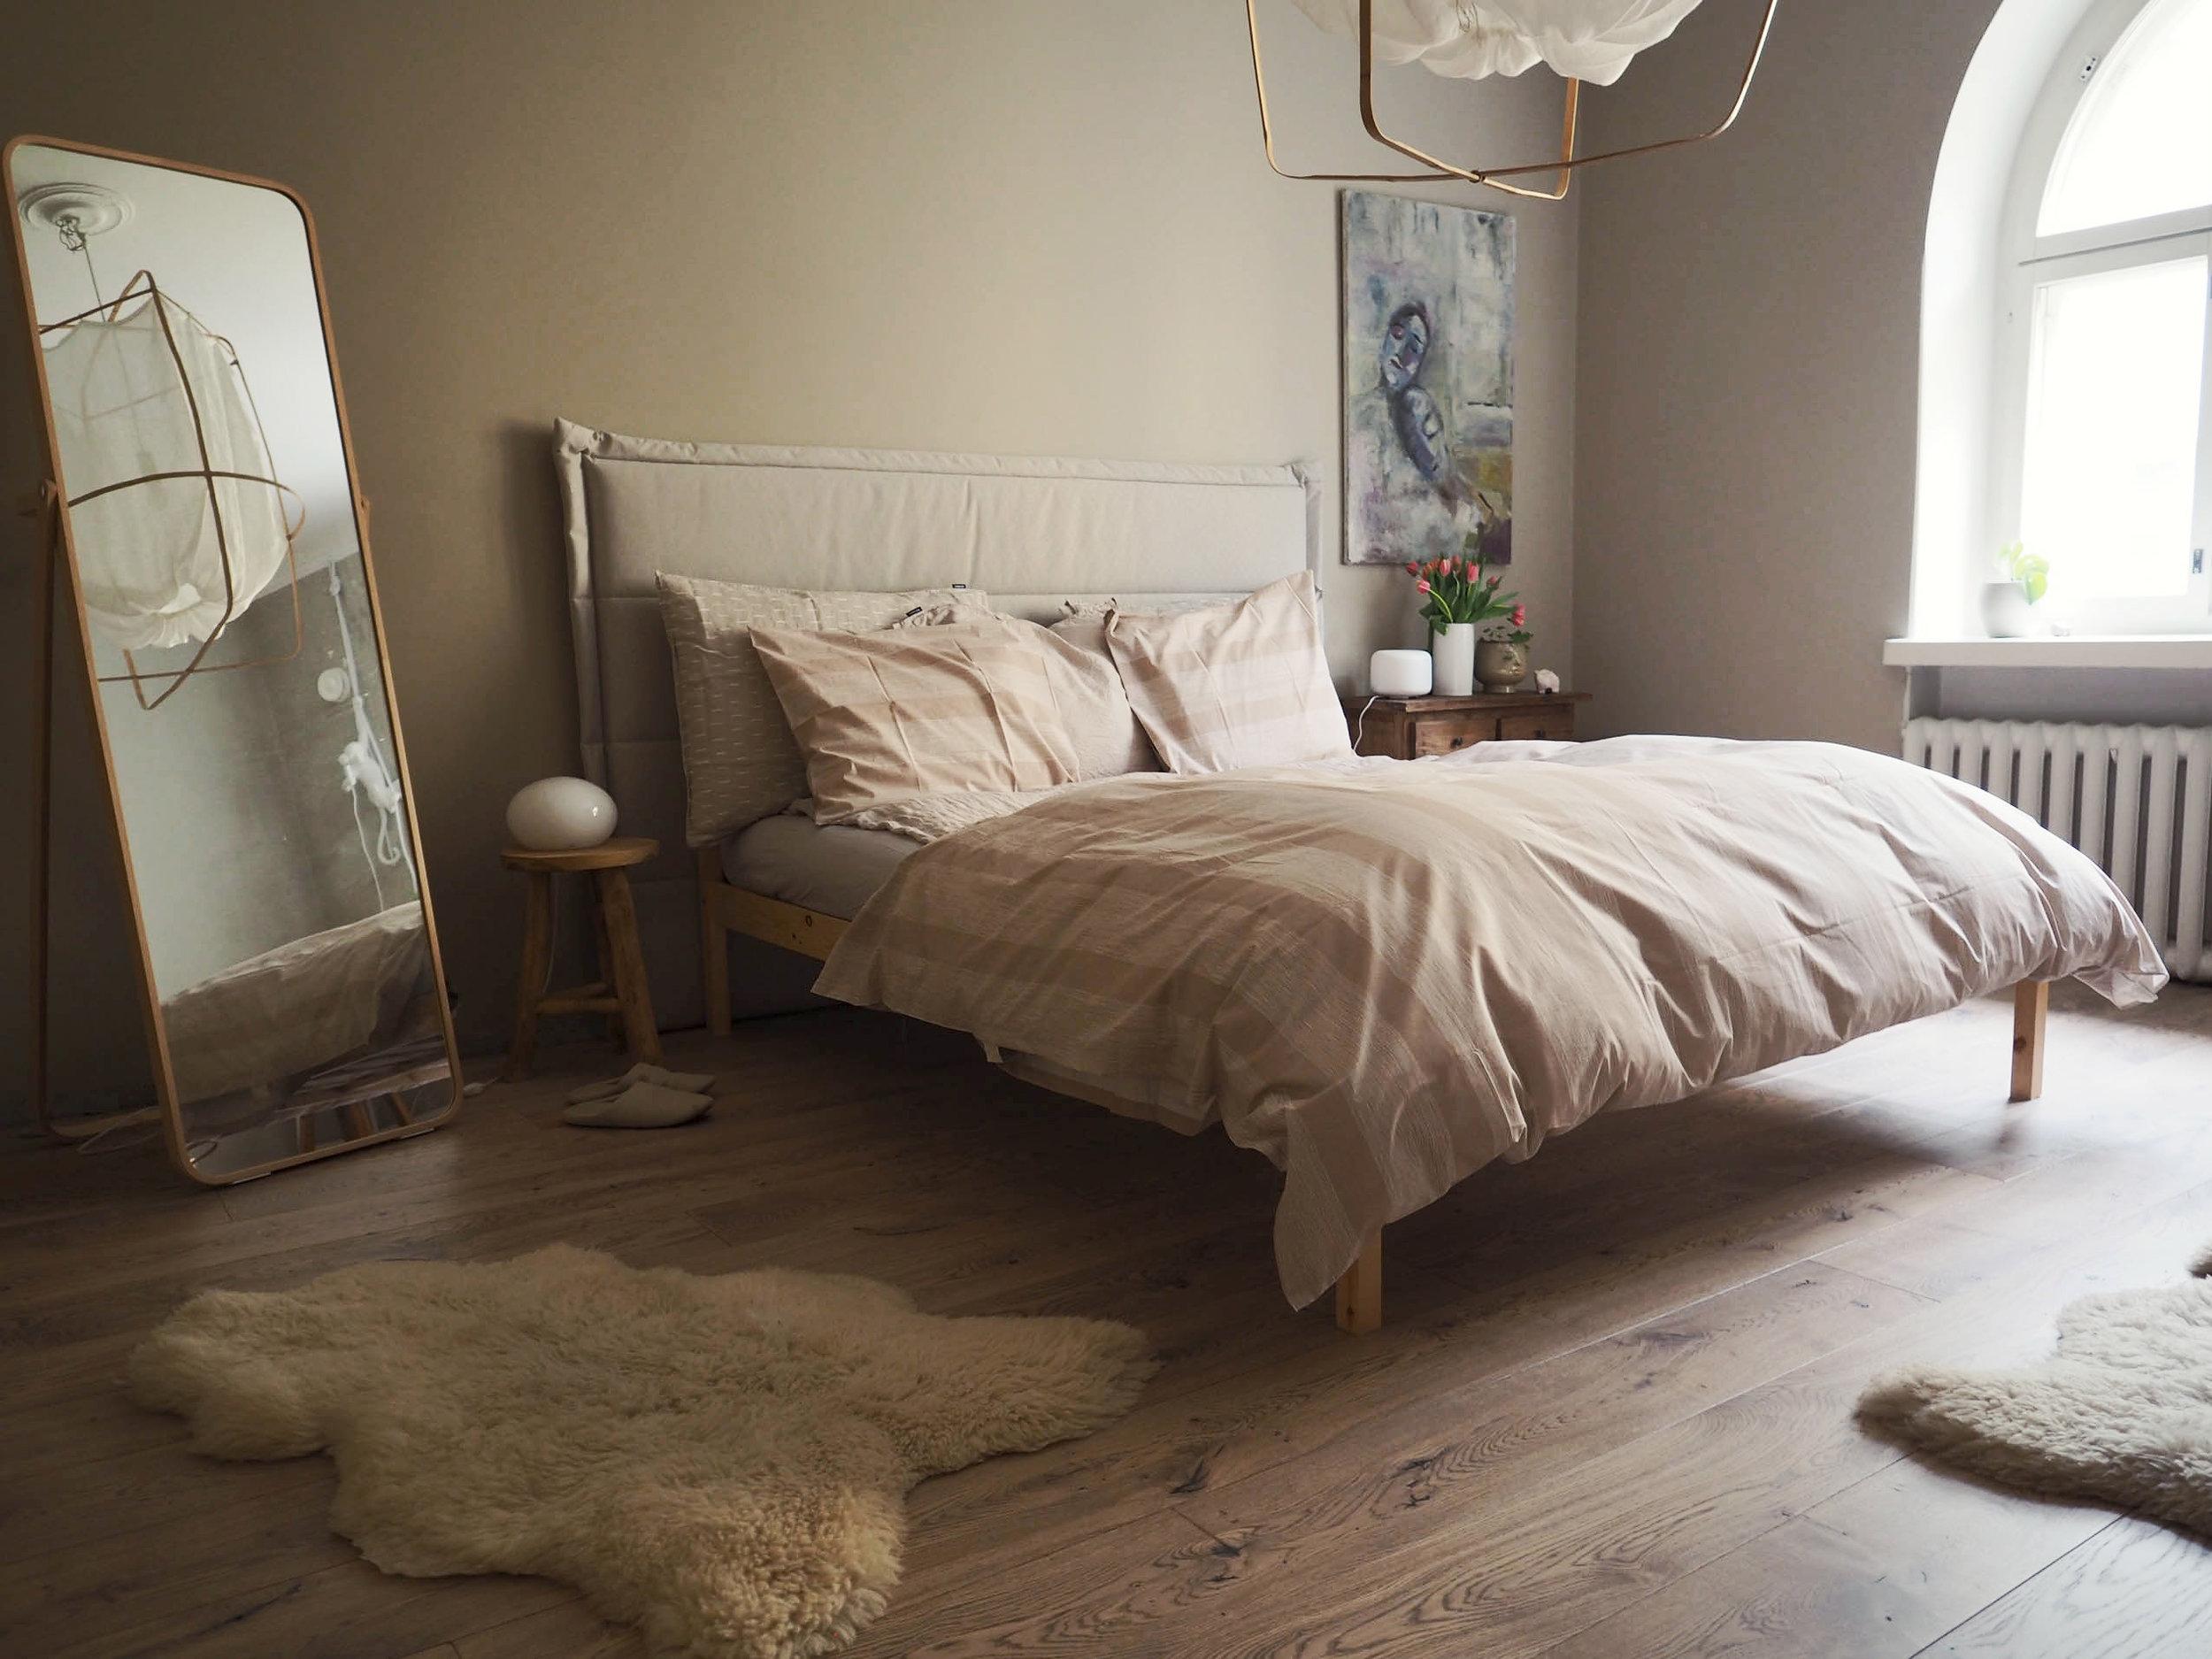 Hyvää feng shuita: sängyn sijoittelu, puhdas sängynalunen, sängynpääty, parilliset esineet, symmetria ja peili, josta en näe itseäni nukkuessani. Huonoa feng shuita: kiikkerä ja rikkinäinen sänky.